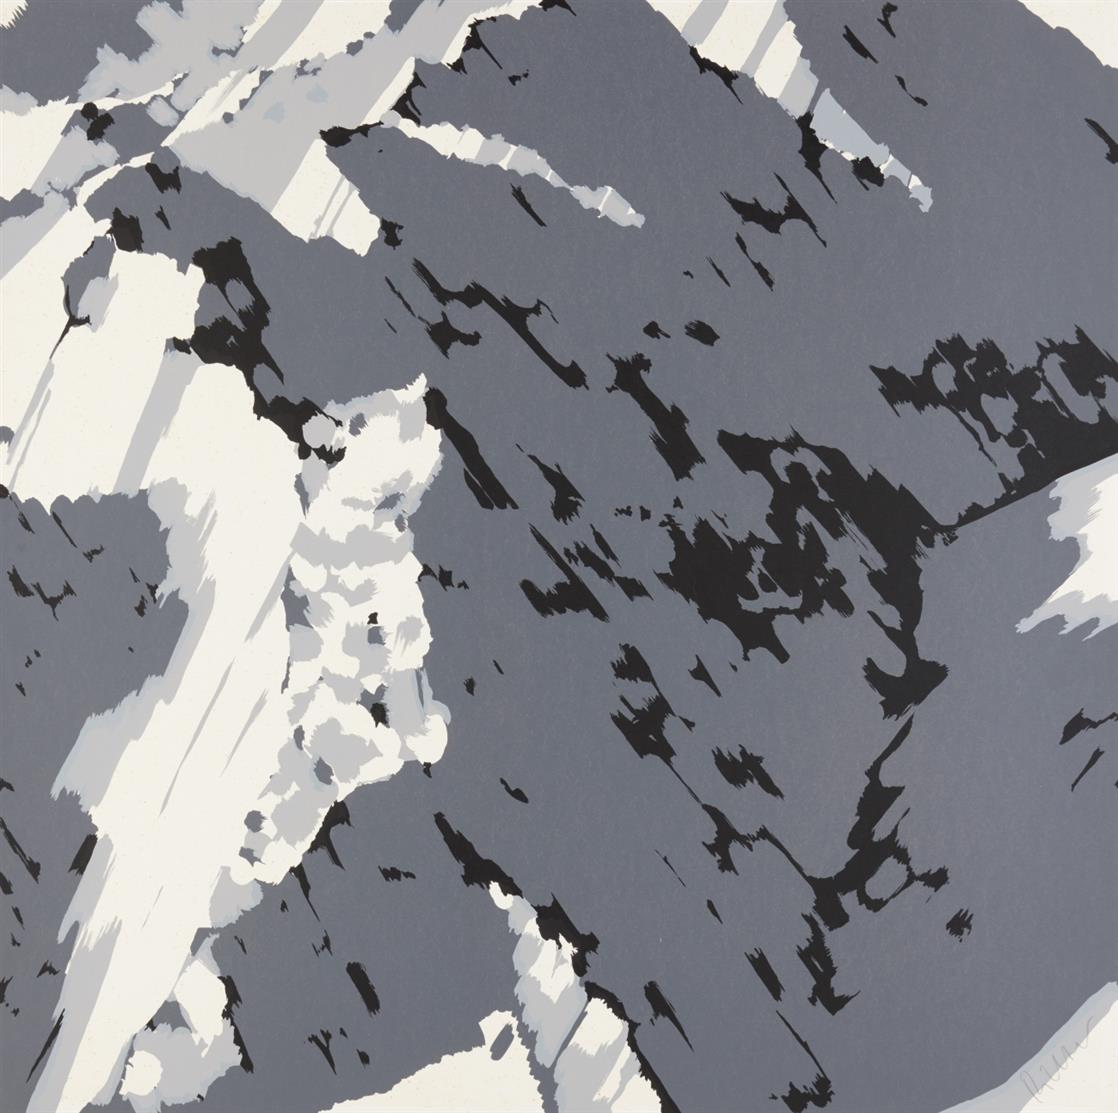 Gerhard Richter. Schweizer Alpen A1 (aus: Schweizer Alpen II). 1969. Siebdruck in Schwarz und zwei Grautönen. Signiert. Butin aus 21.